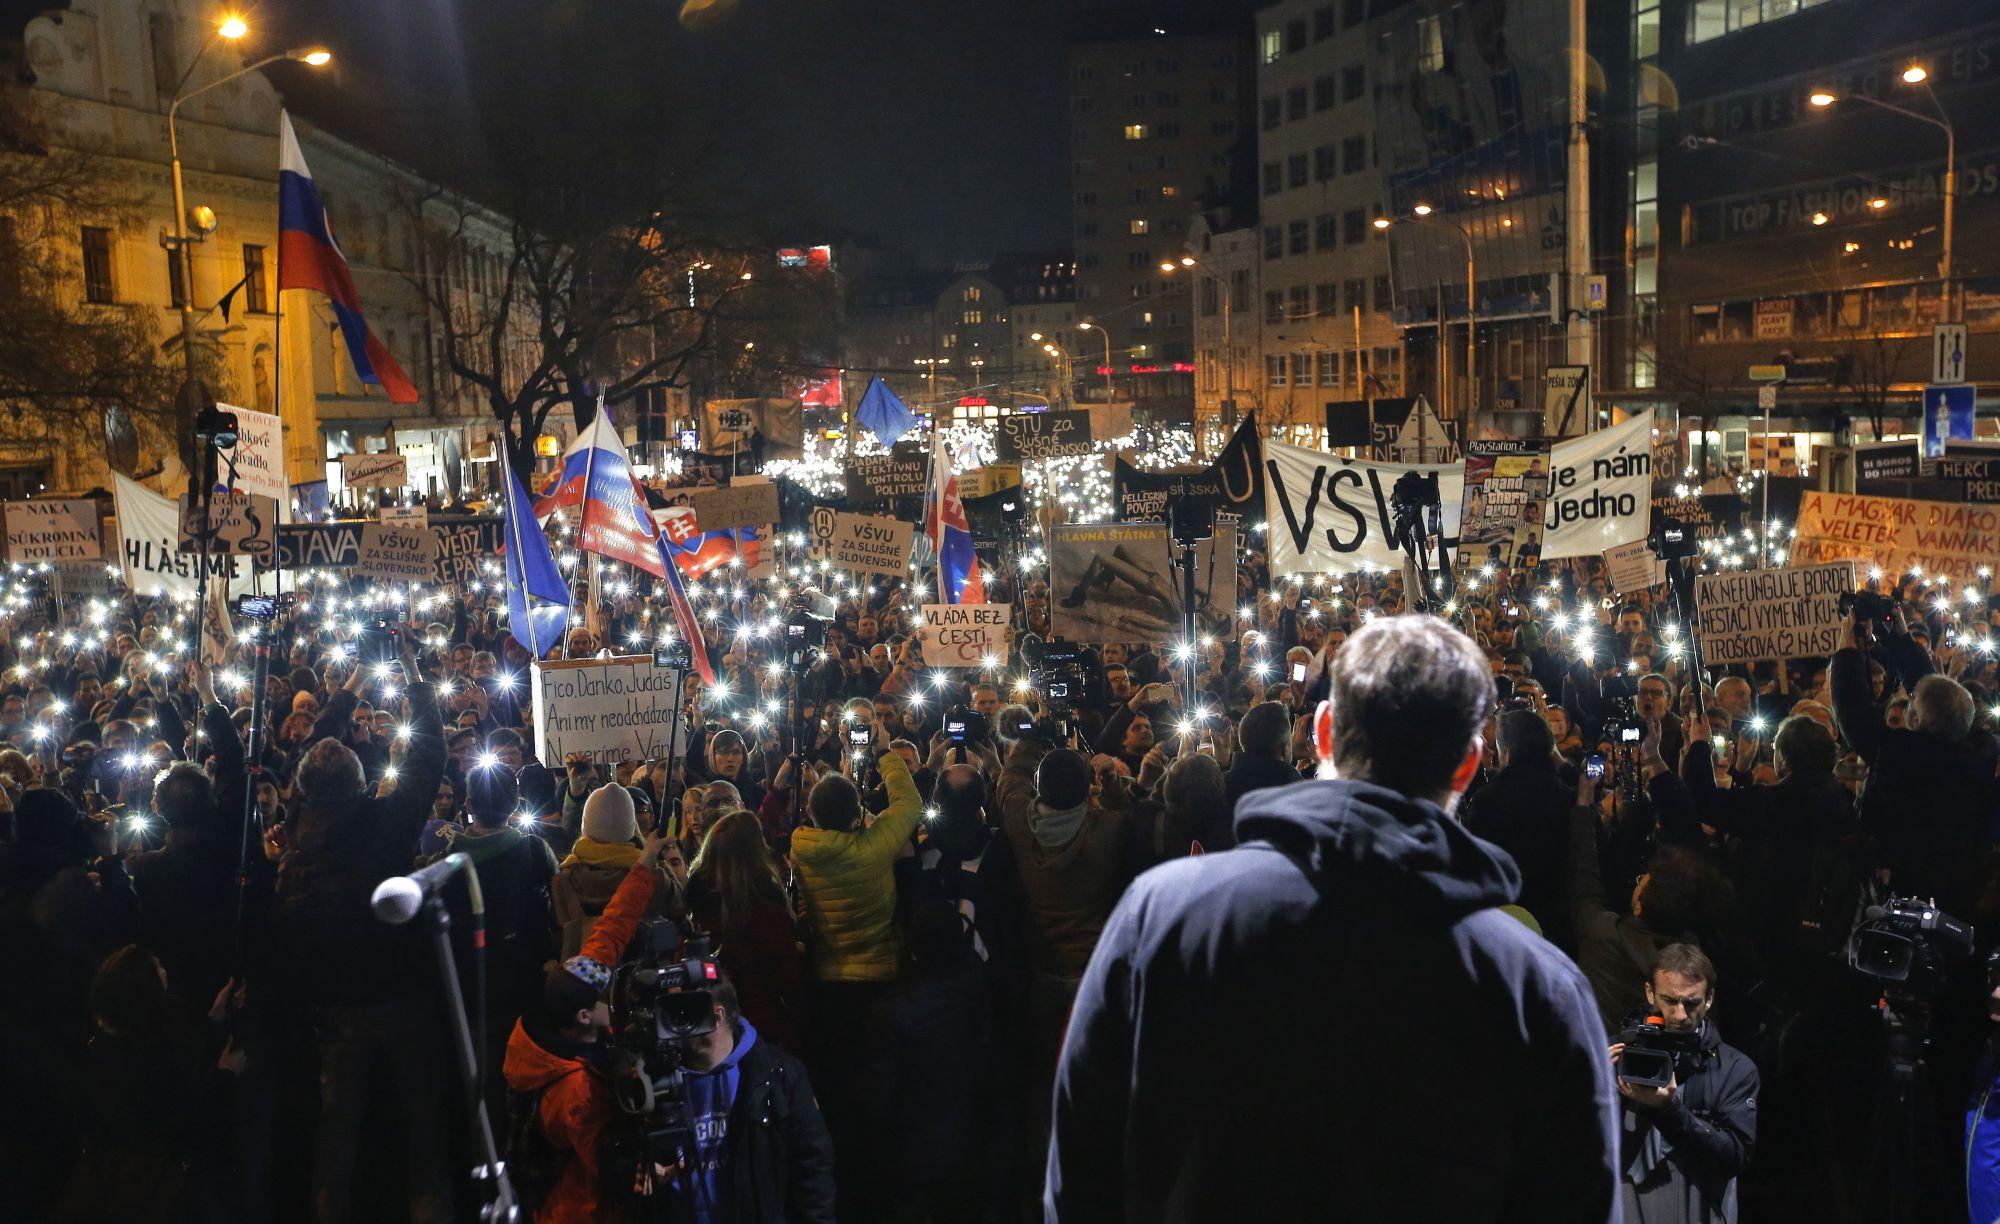 Robert Fico szlovák miniszterelnök lemondását ünneplik tüntetők, akik Ján Kuciak szlovák tényfeltáró újságíró és élettársa, Martina Kusnirová meggyilkolásának alapos kivizsgálását követelik Pozsonyban 2018. március 16-án. (MTI/AP/Darko Vojinovic)